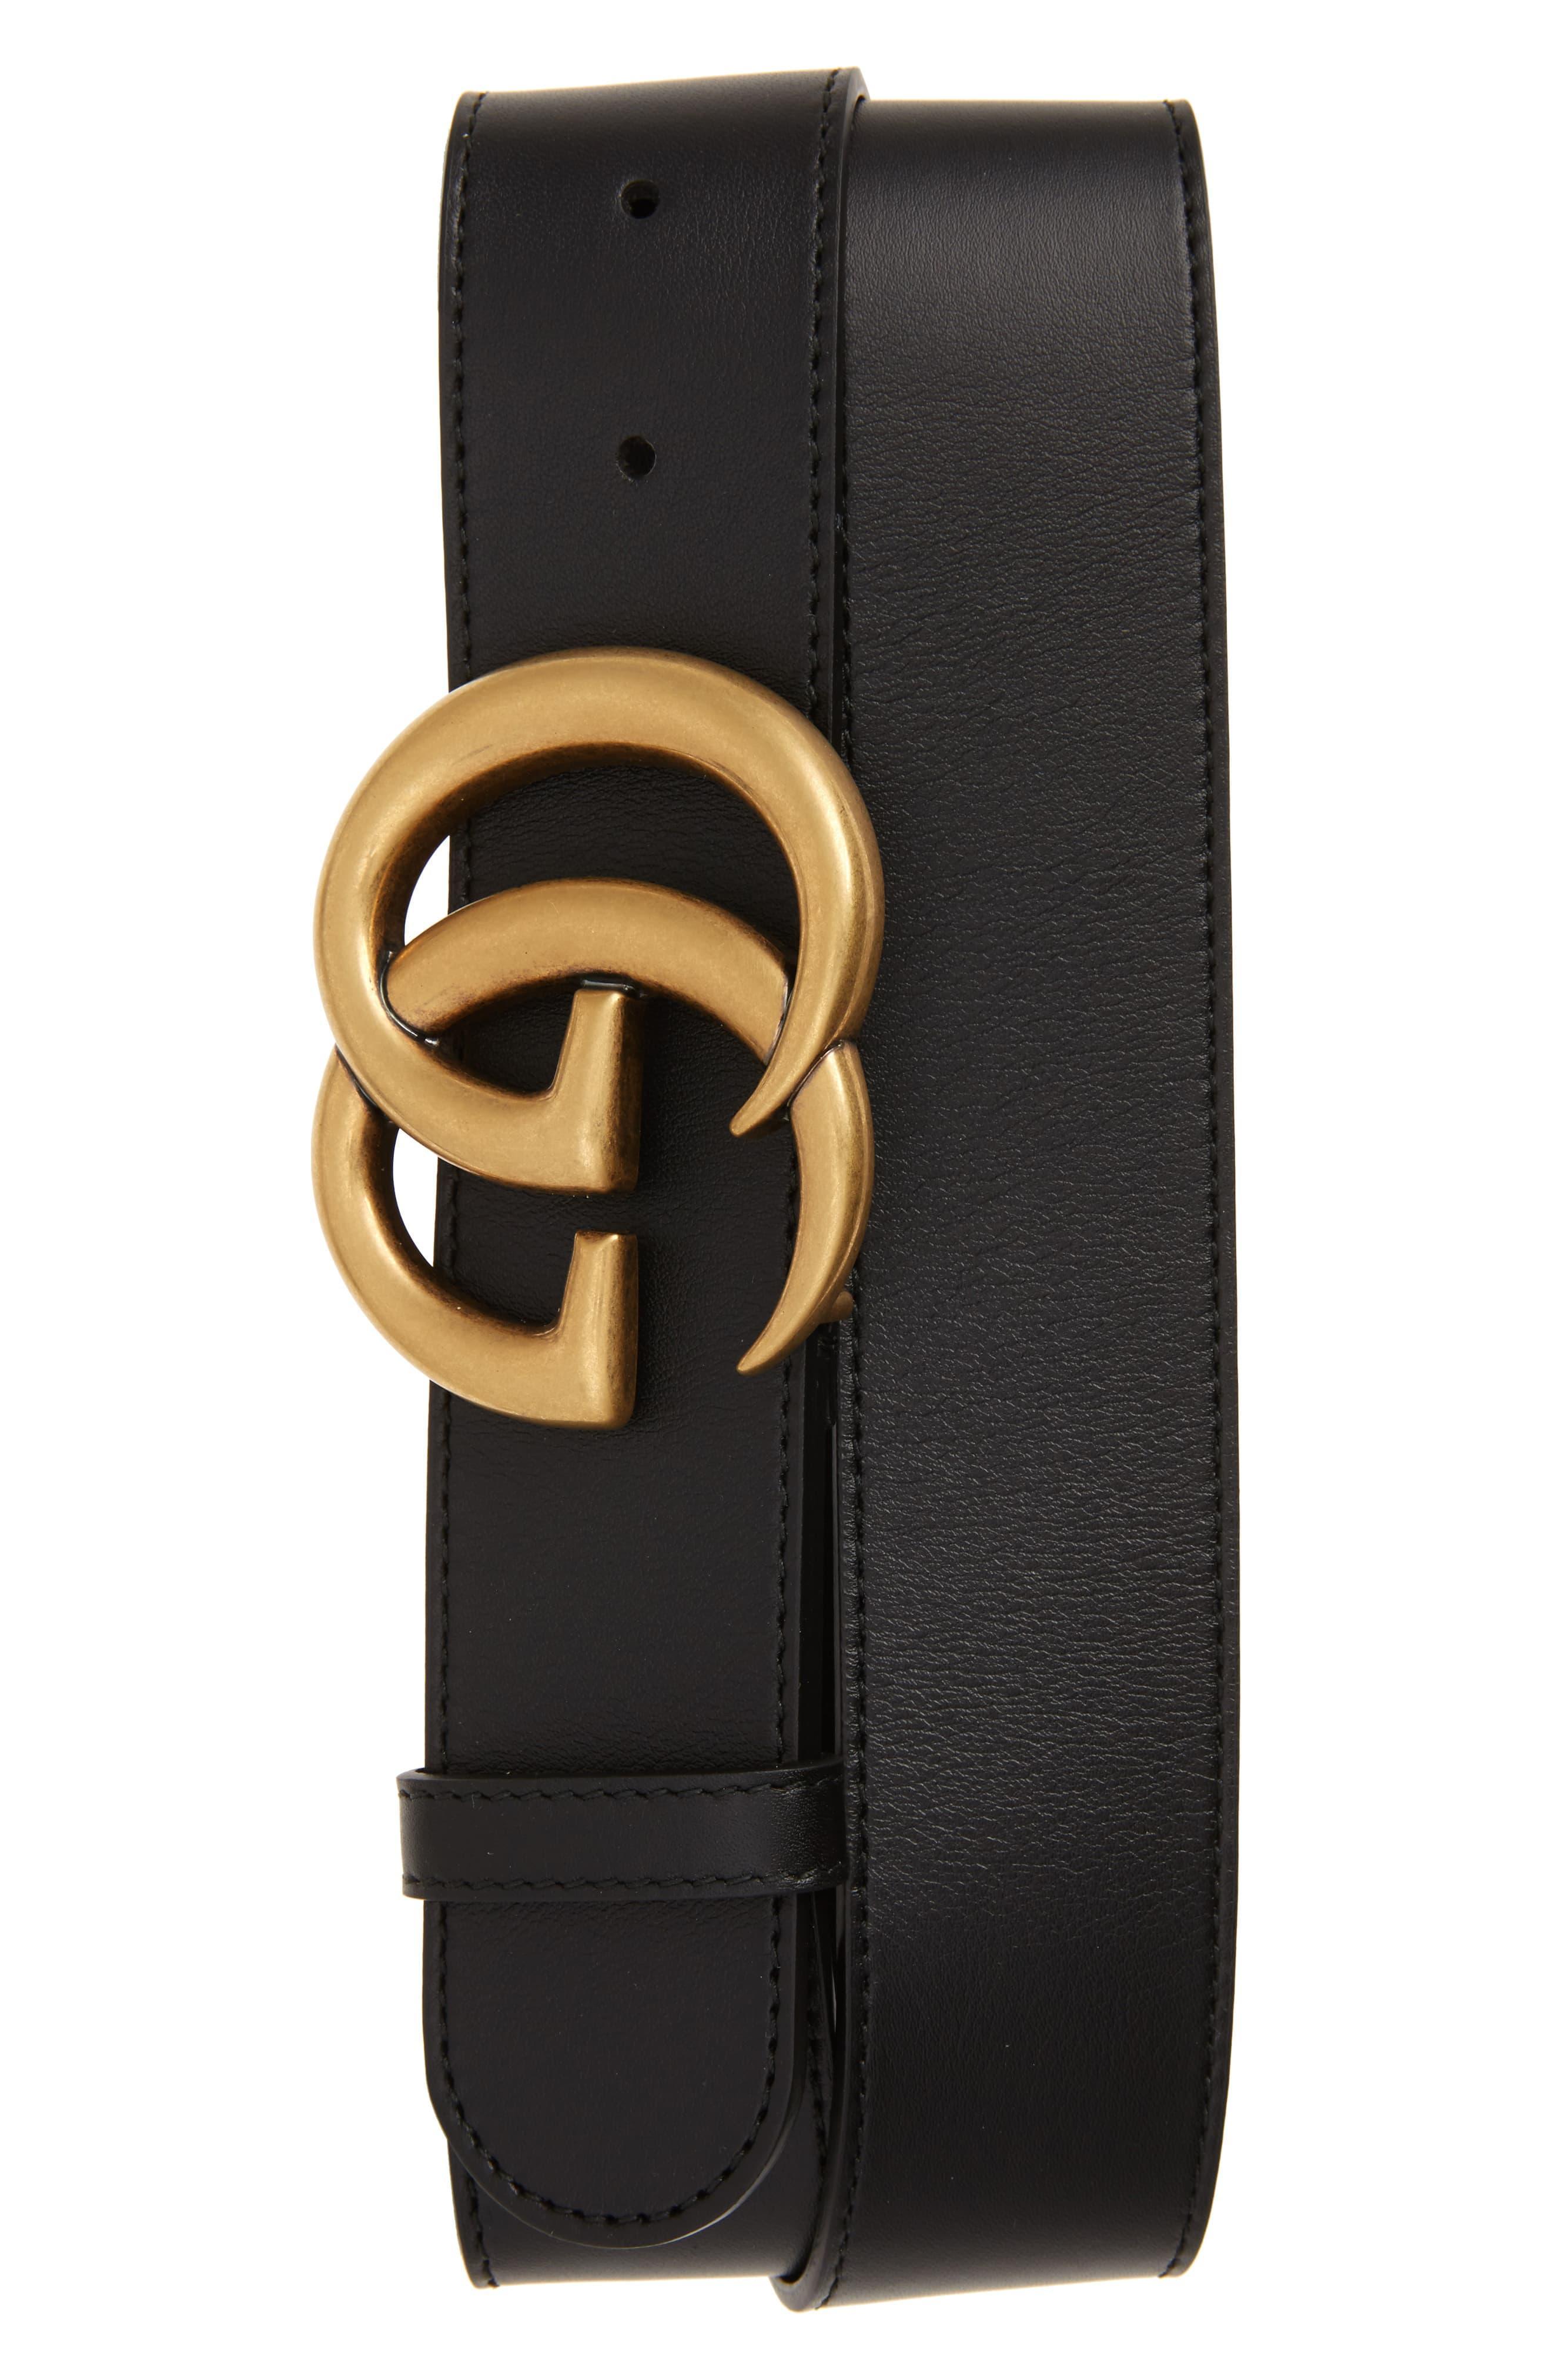 scarpe di separazione d5cd3 3a4d9 Women's Black Cintura Donna Leather Belt